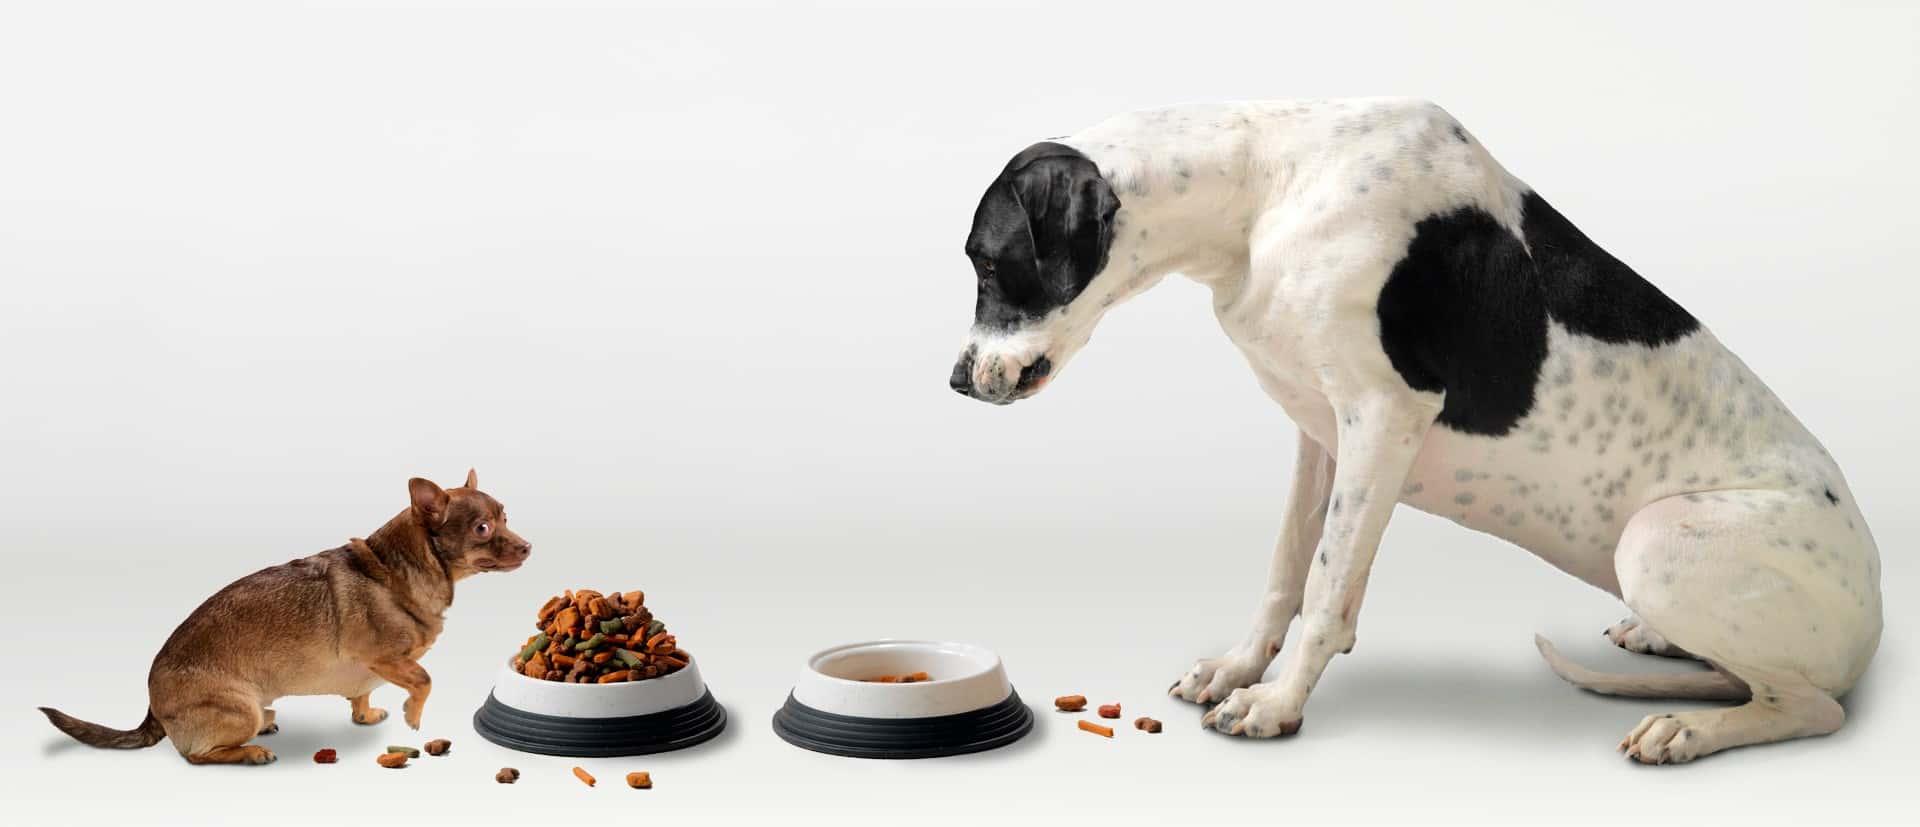 Чем отличается собачий корм от кошачьего: разница в сухом и консервированном корме для собак и кошек